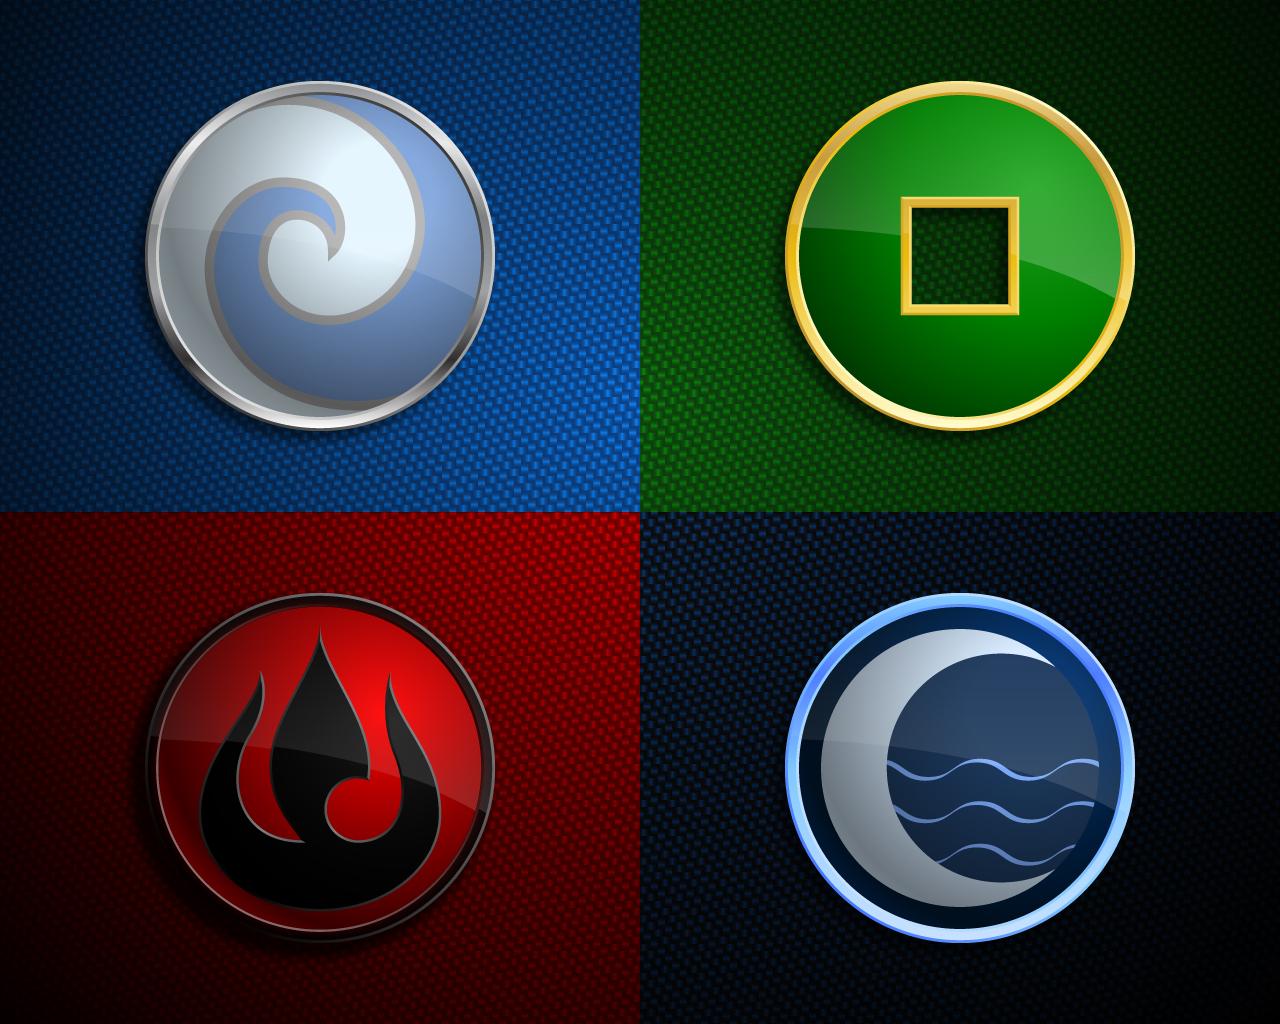 http://2.bp.blogspot.com/-XrylQKuHuwI/UASBZsRNvJI/AAAAAAAAADc/GmwvG9Bf4Iw/s1600/Avatar_Logo.jpg